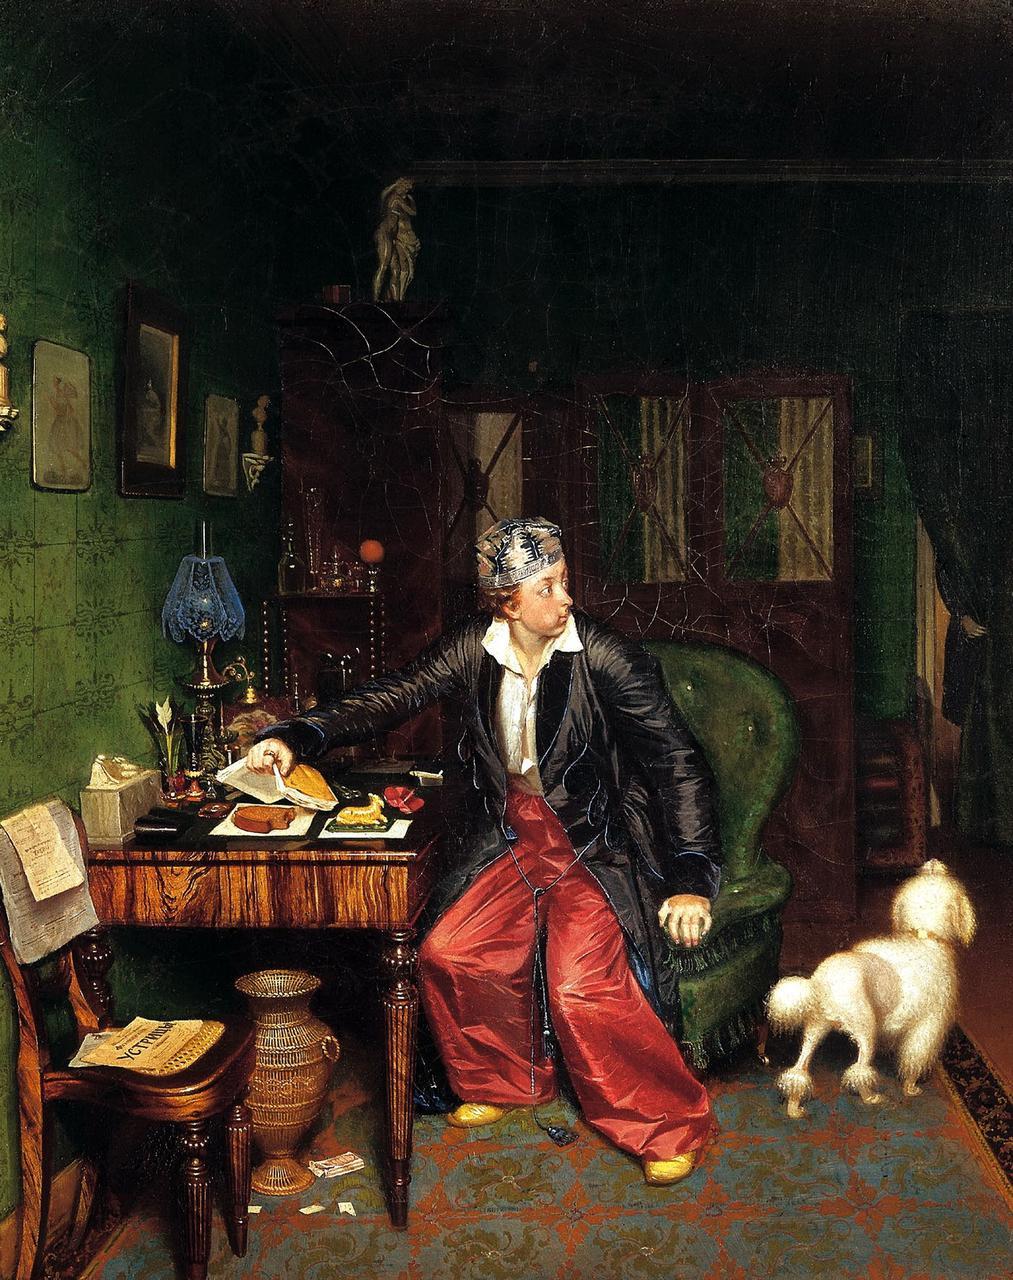 Павел Федотов «Завтрак аристократа» («Не в пору гость»), 1849-1850